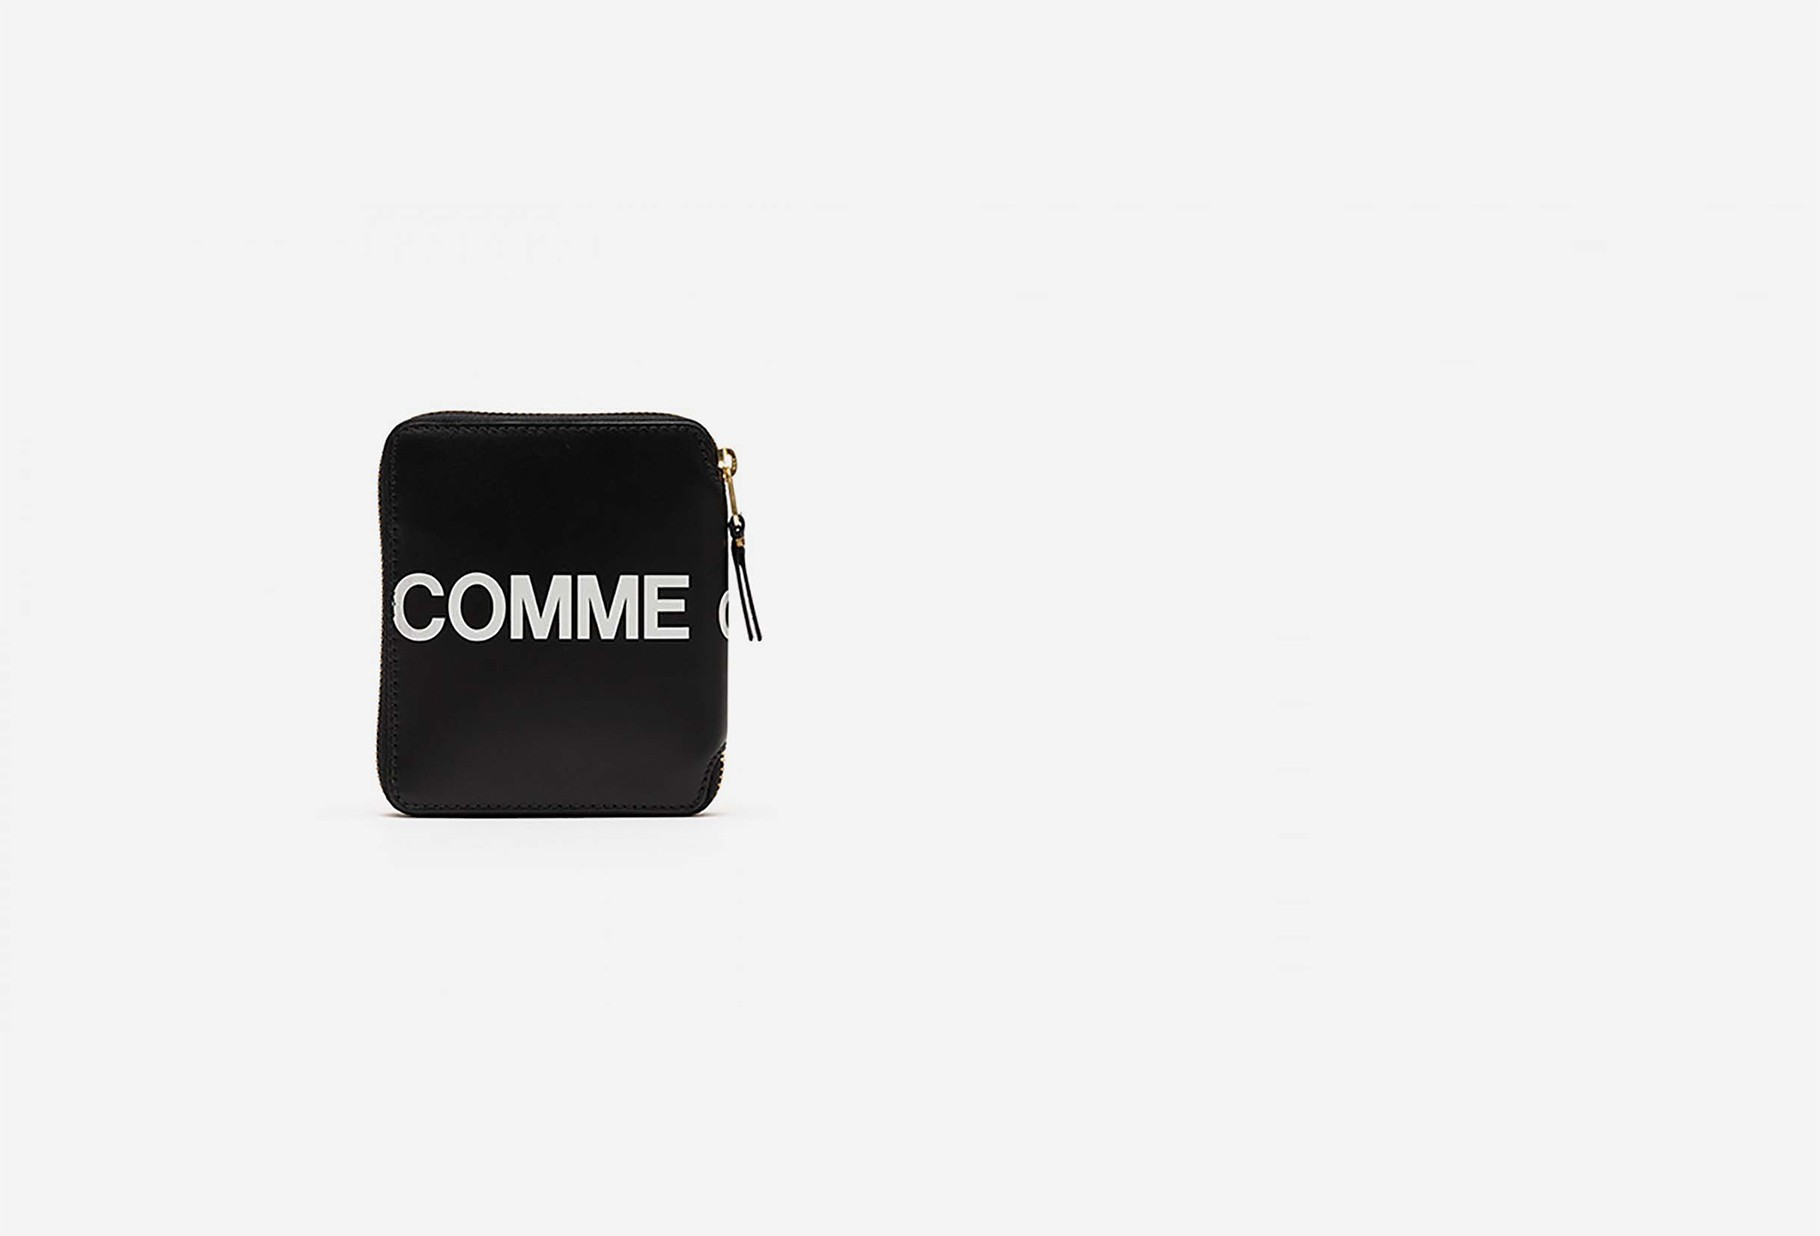 COMME DES GARÇONS WALLETS / Cdg huge logo wallet sa2100hl Black